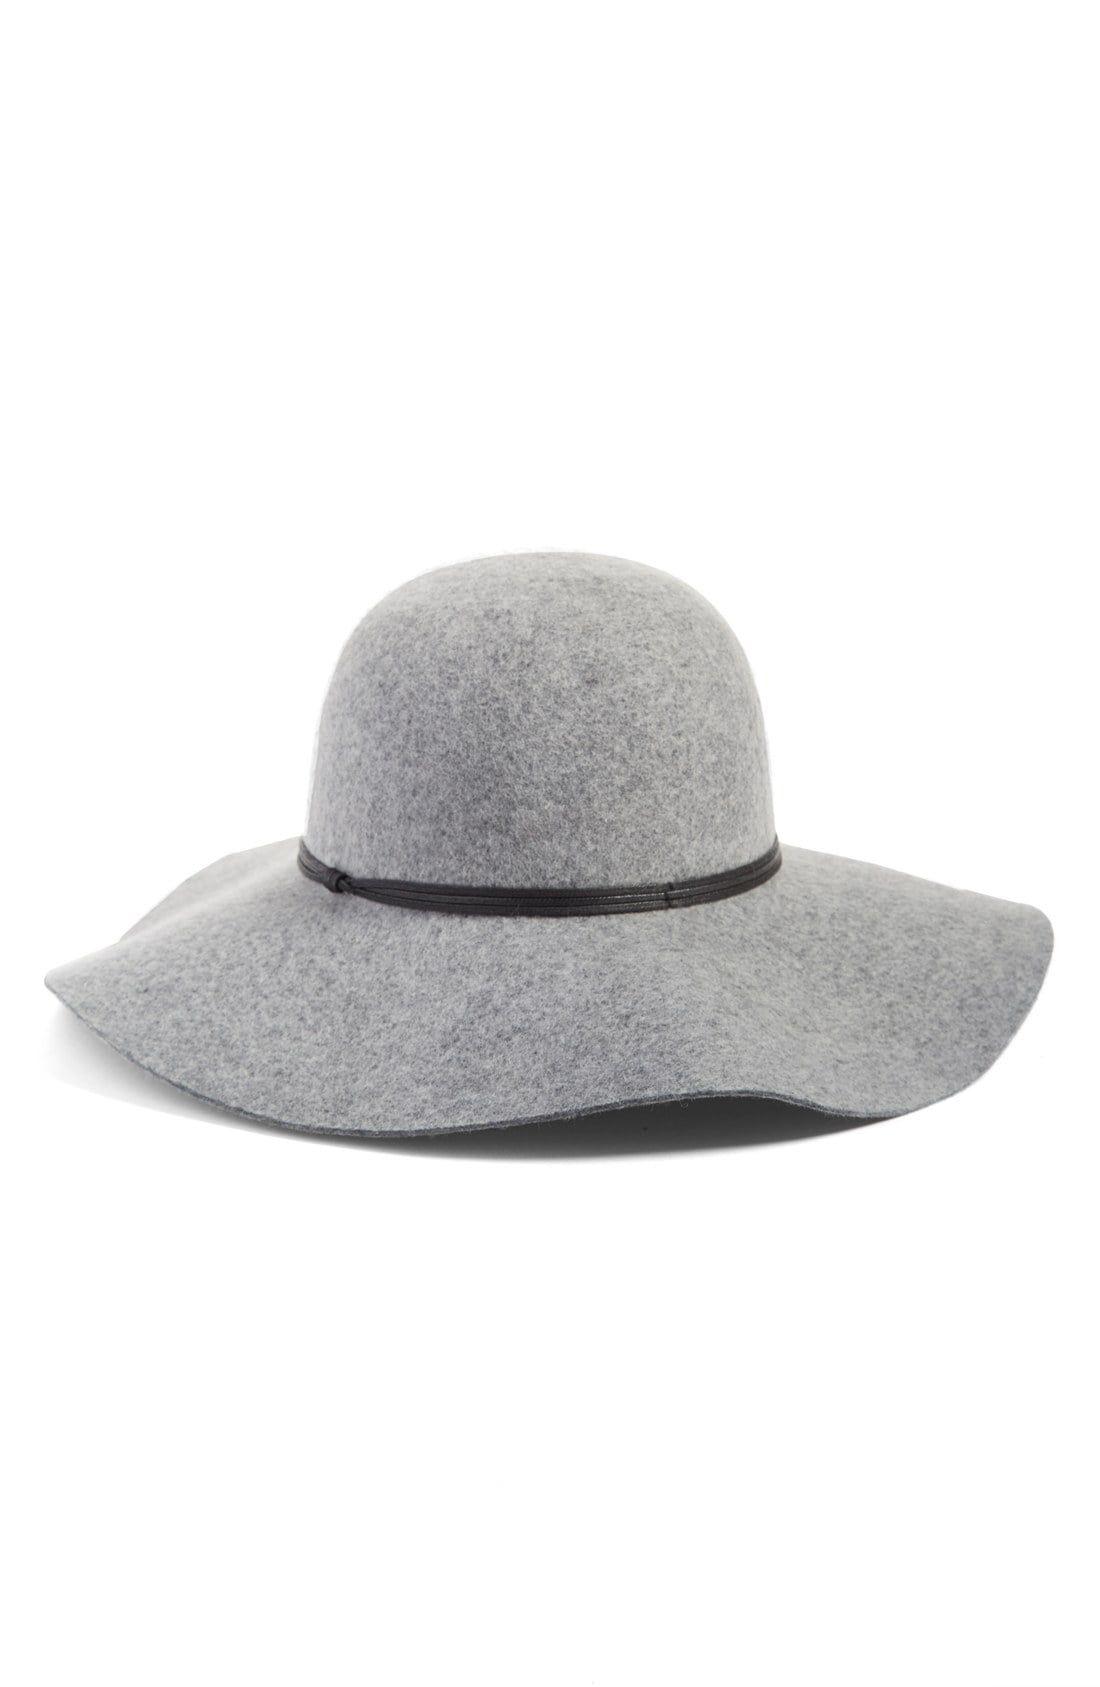 Women S Hinge Floppy Wool Hat Grey Floppy Wool Hat Women Hats